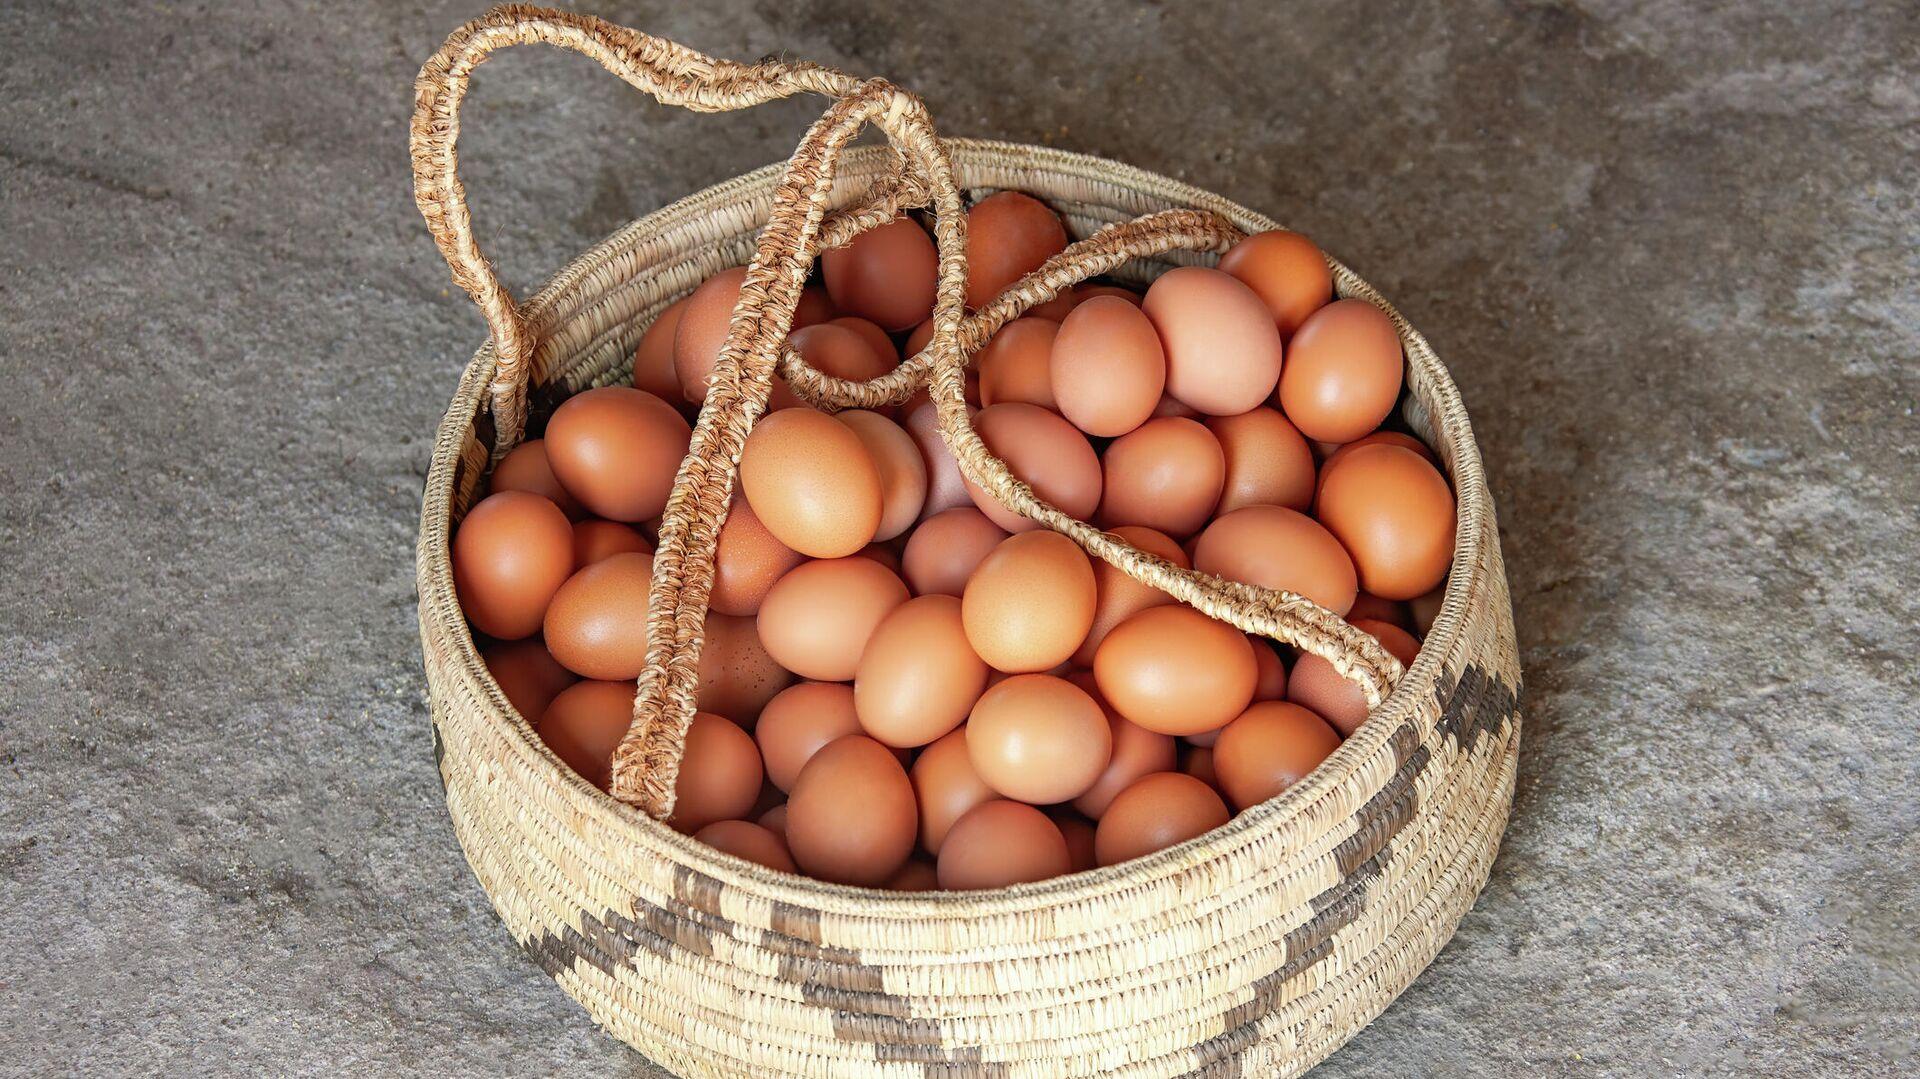 Canasta de huevos - Sputnik Mundo, 1920, 08.10.2021